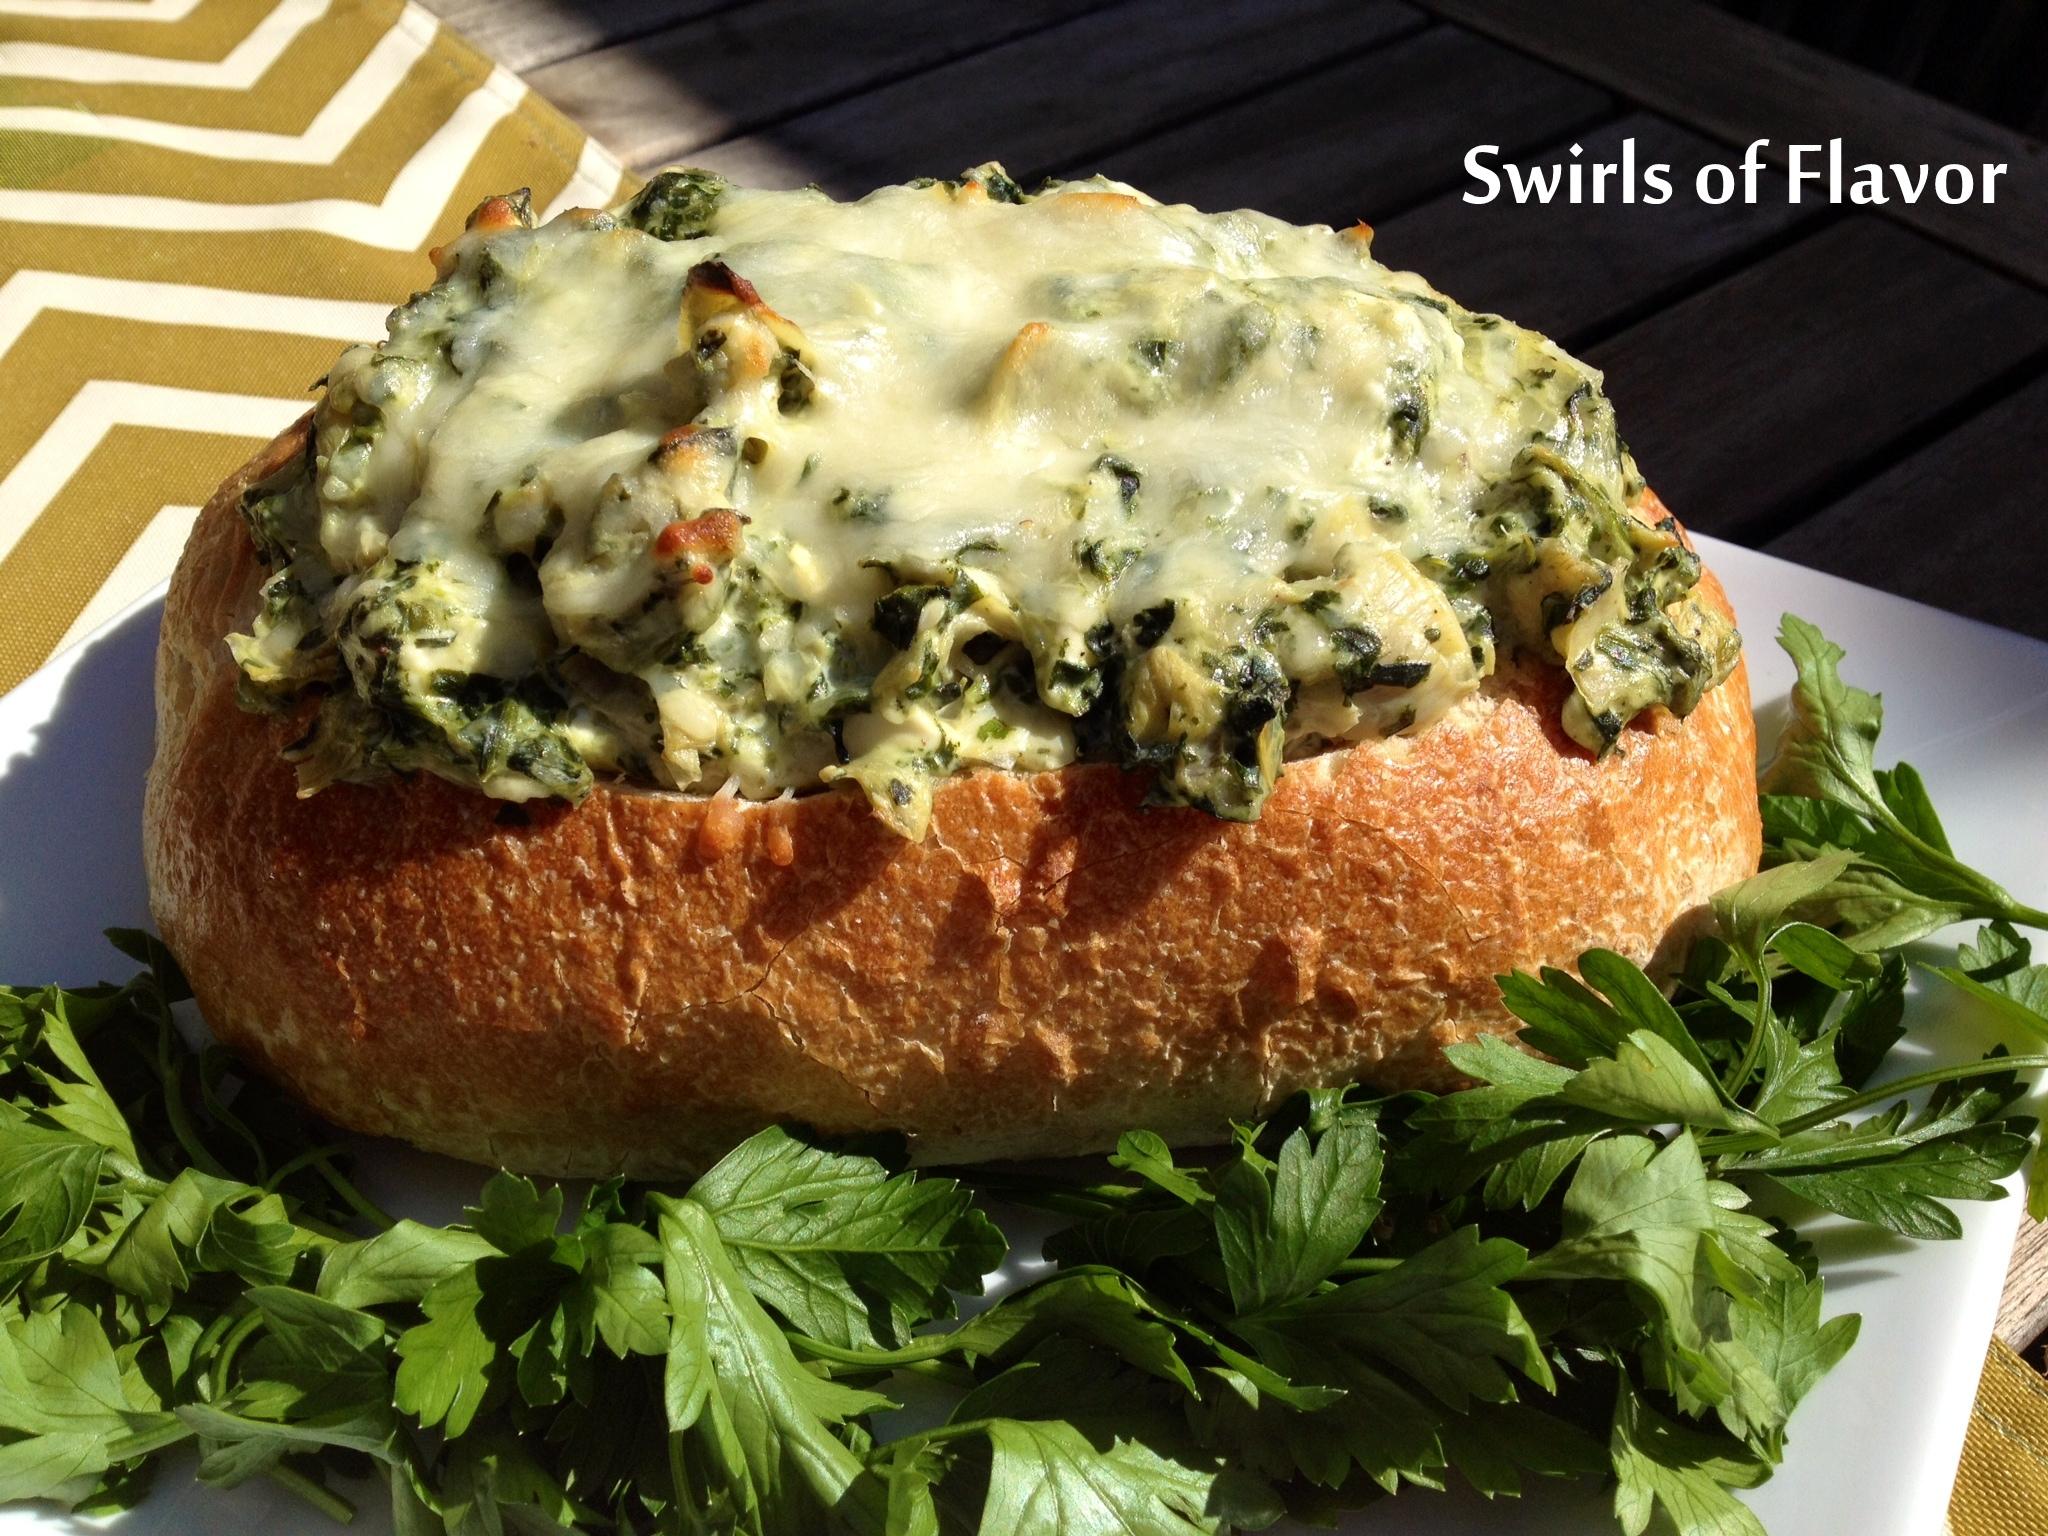 Spinach Artichoke Dip in Bread Bowl Artichoke Dip Spinach Dip